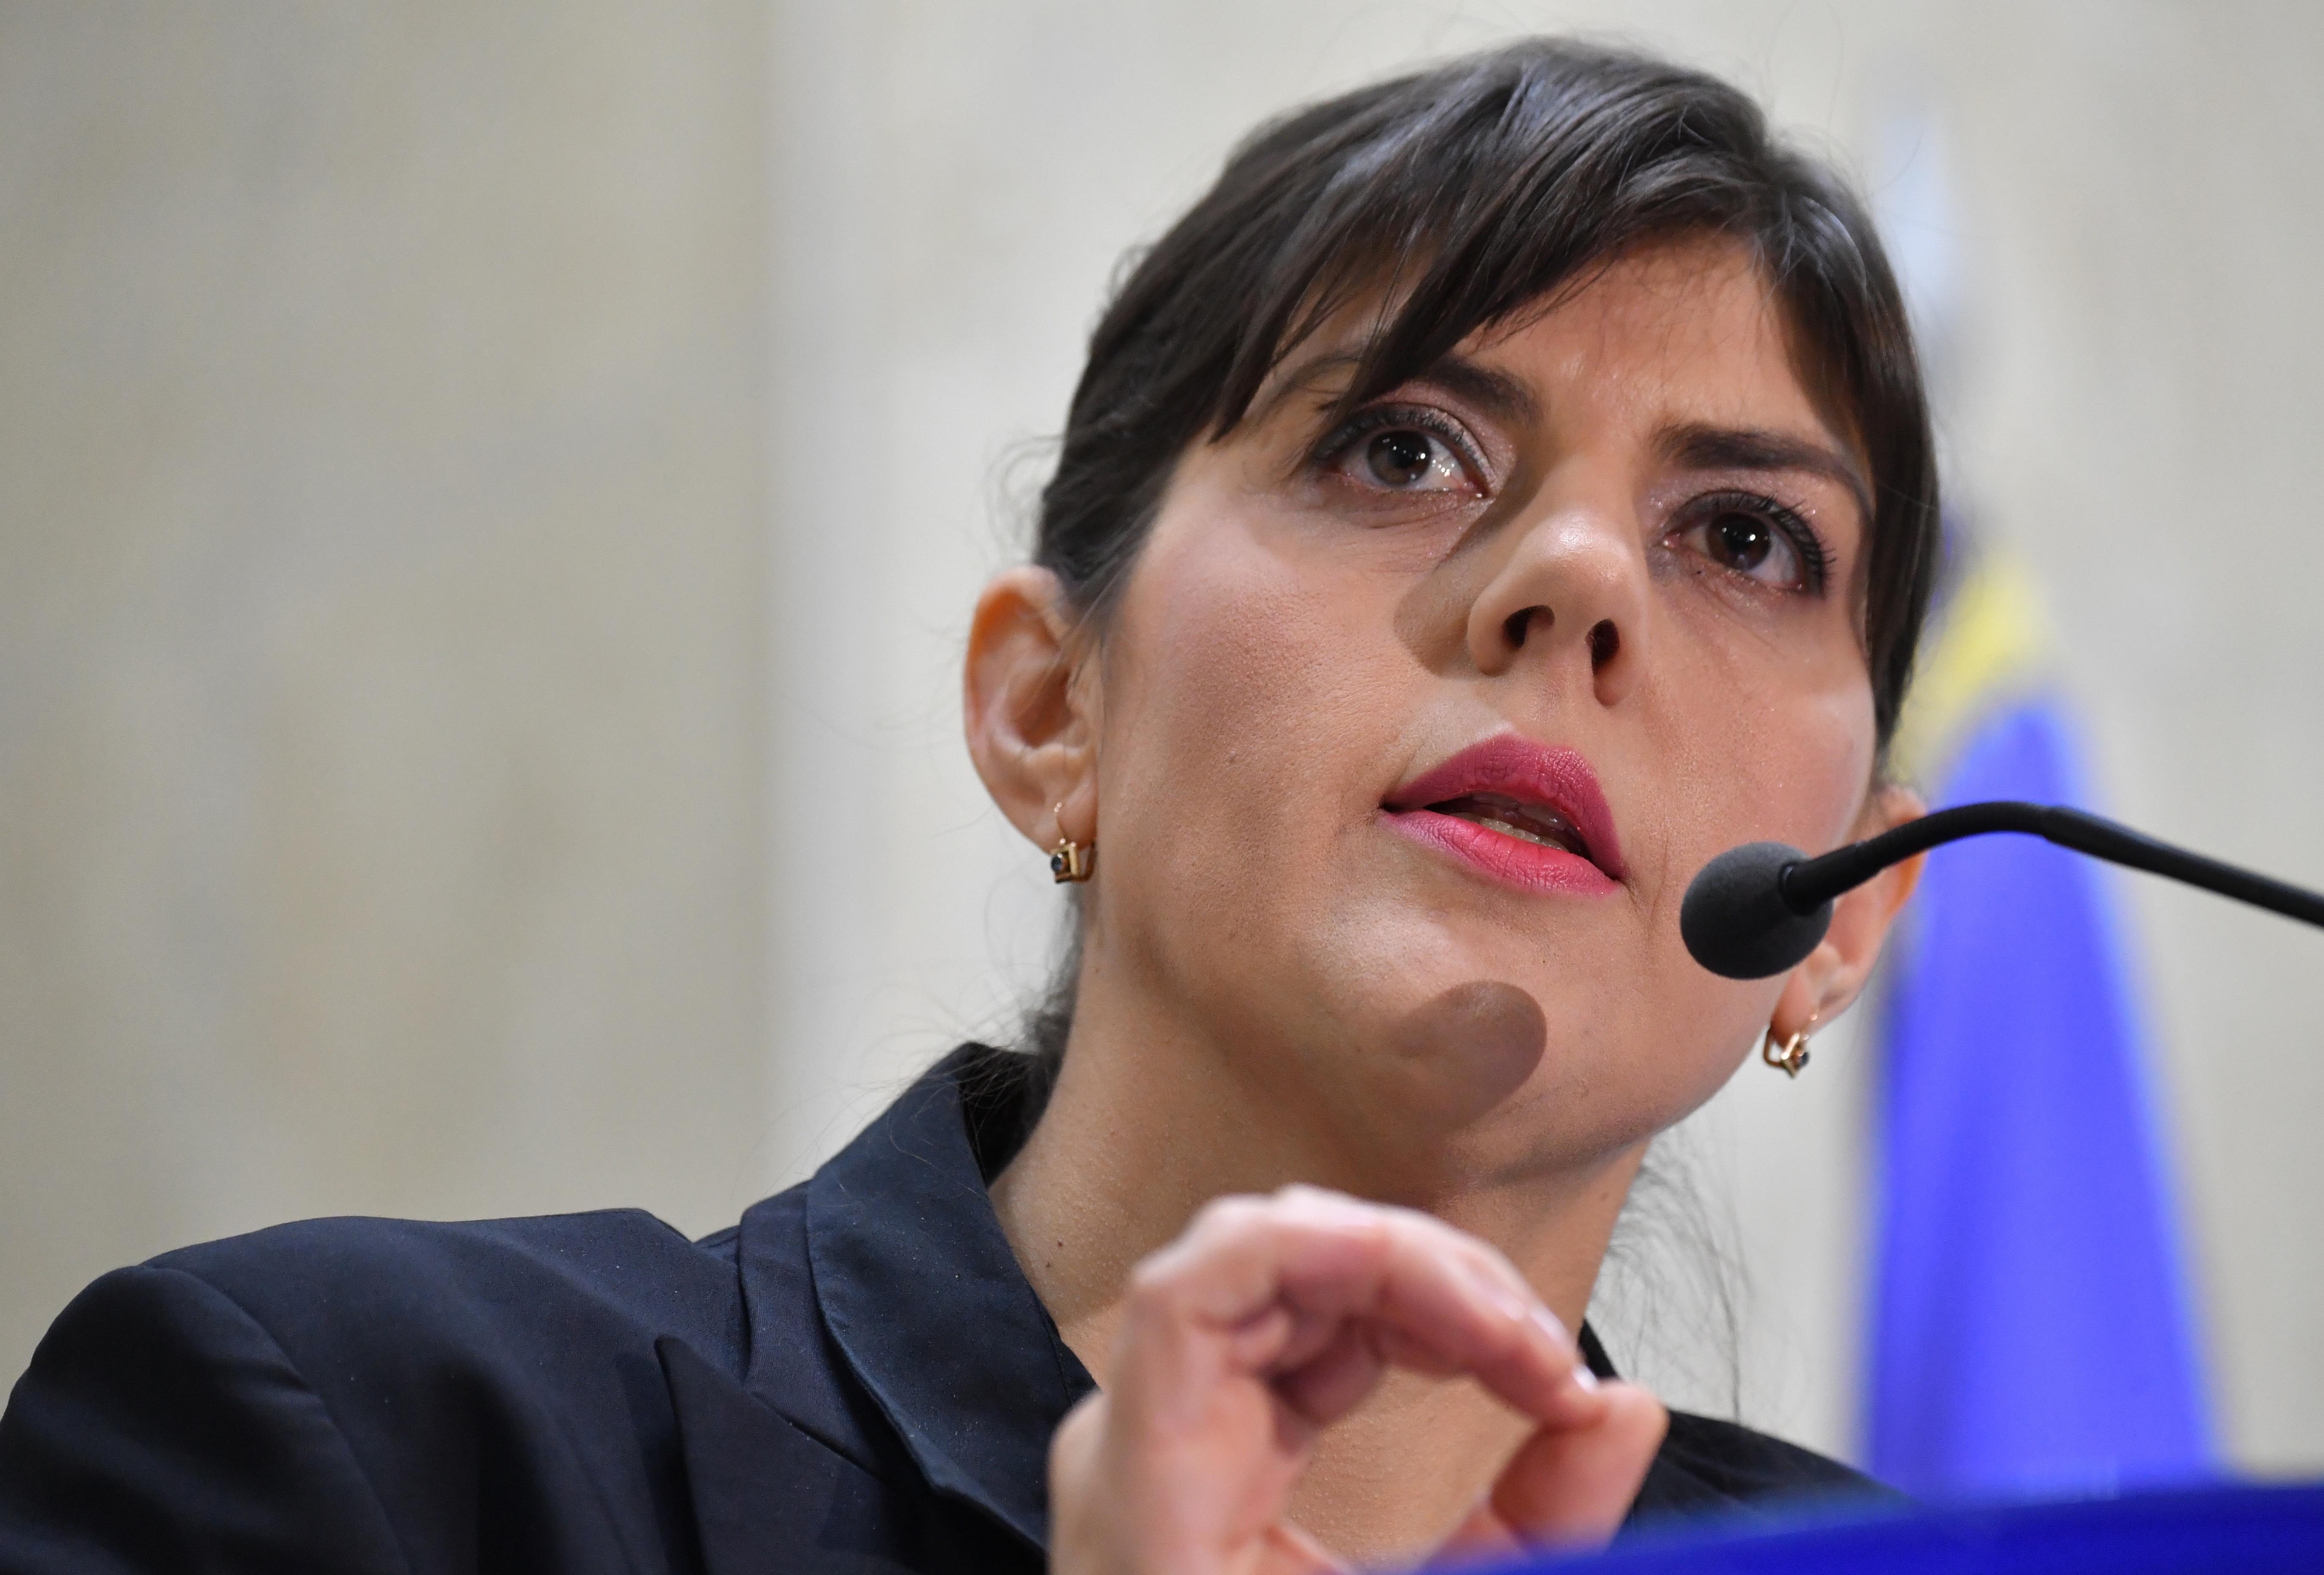 Eltörölte a román legfelsőbb bíróság a Laura Codruta Kövesi ellen elrendelt hatósági felügyeletet